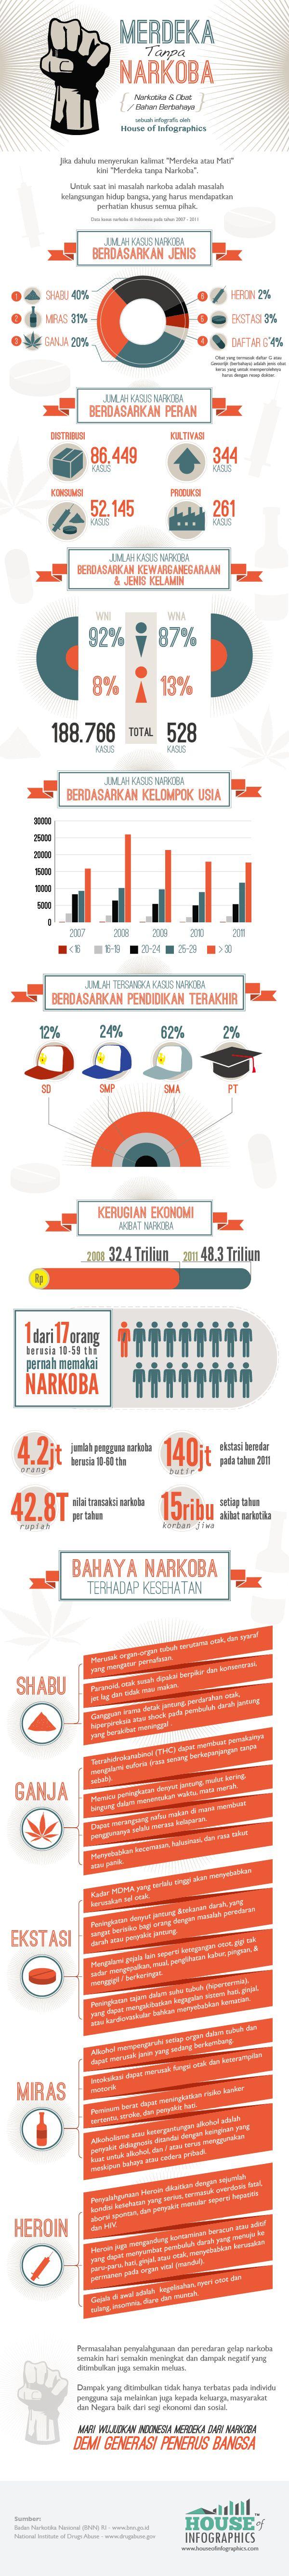 Infografis : Indonesia Merdeka Tanpa Narkoba